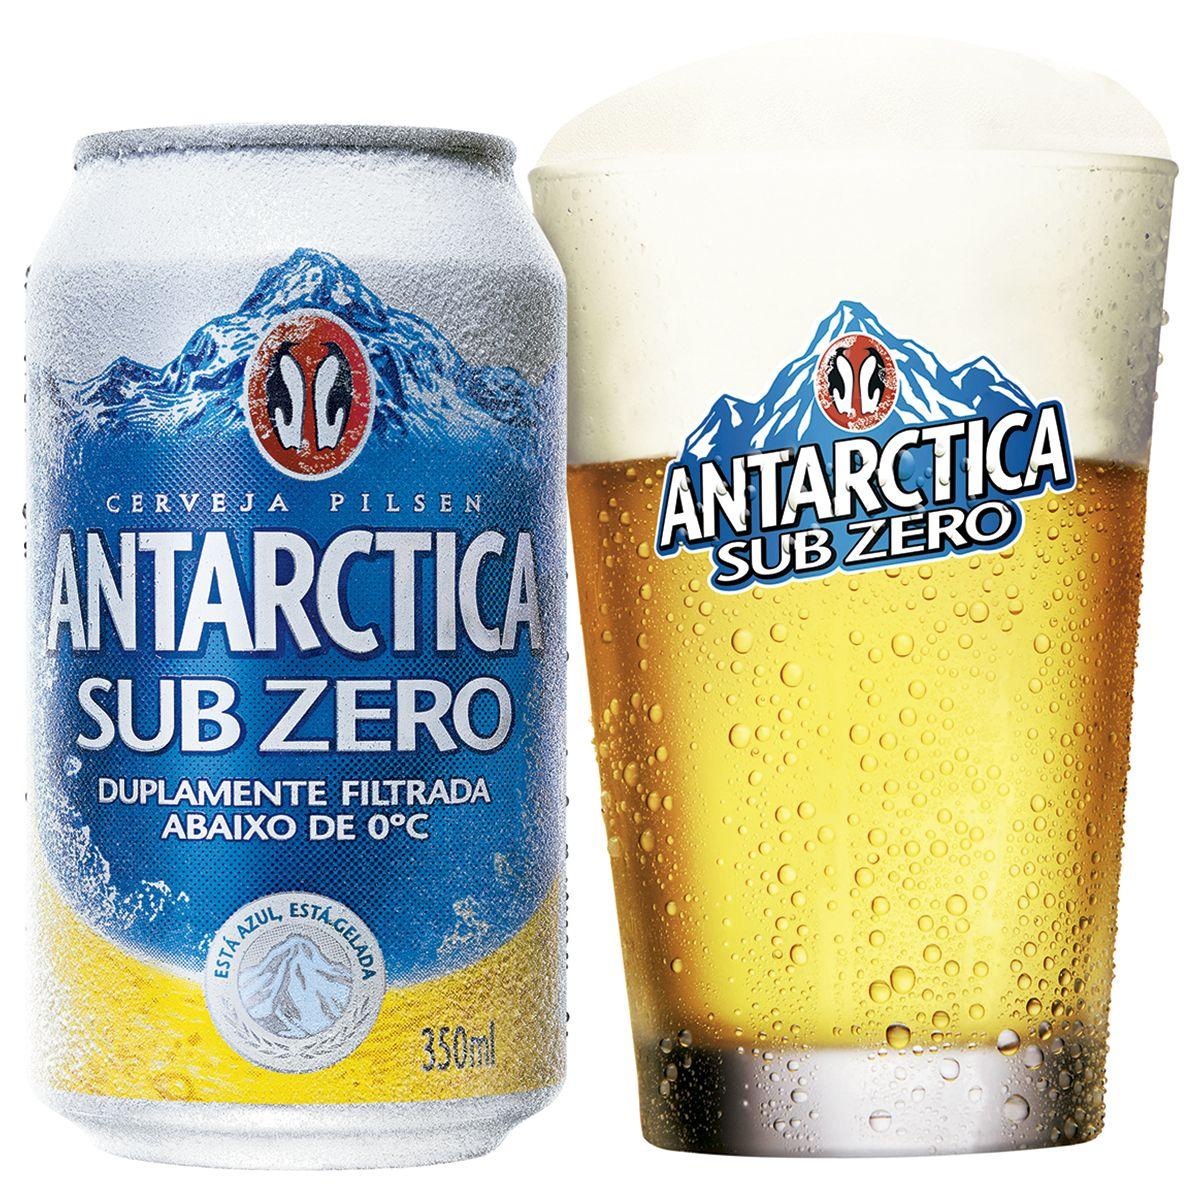 Antarctica Sub Zero Pilsner 2 5 Cerveja Sub Zero